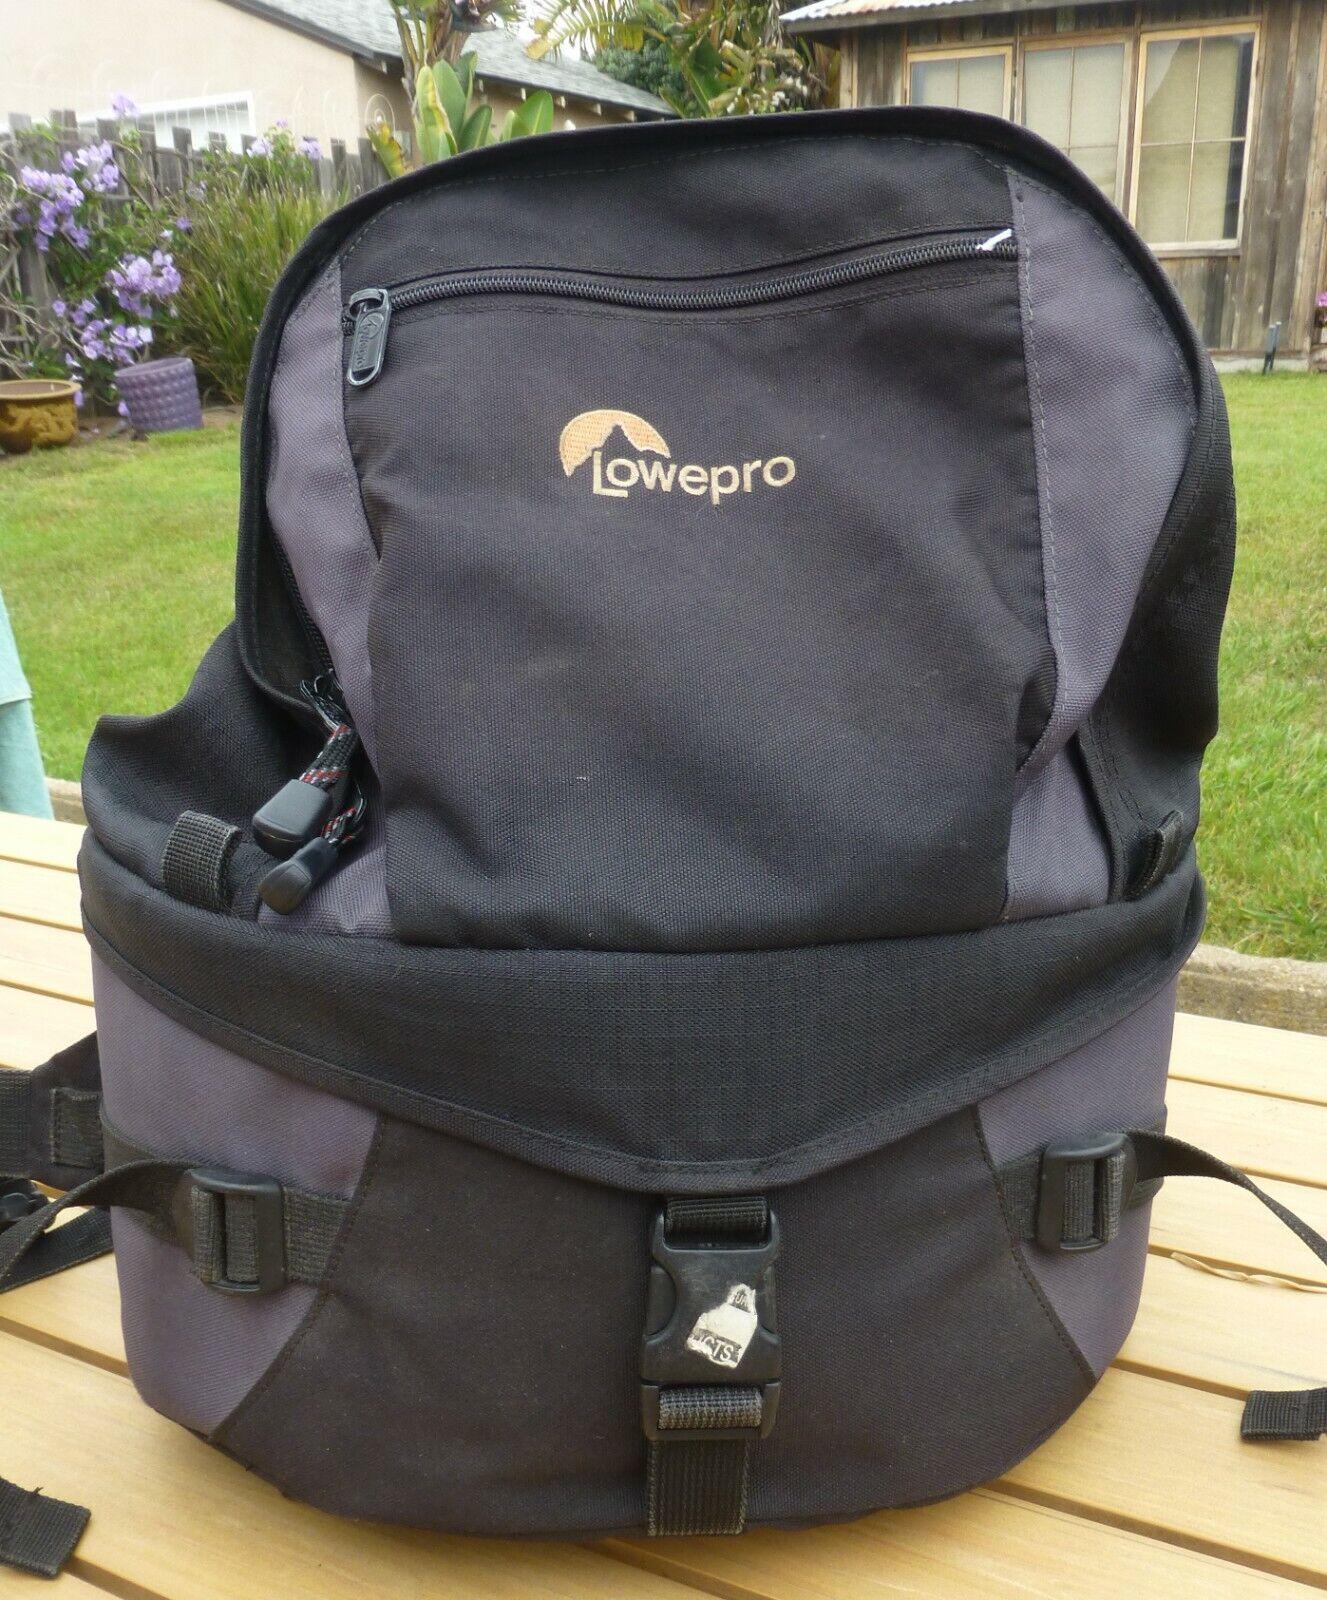 Lowepro Orion Trekker Digital SLR Black Camera Photo Backpack Bag  - $17.00